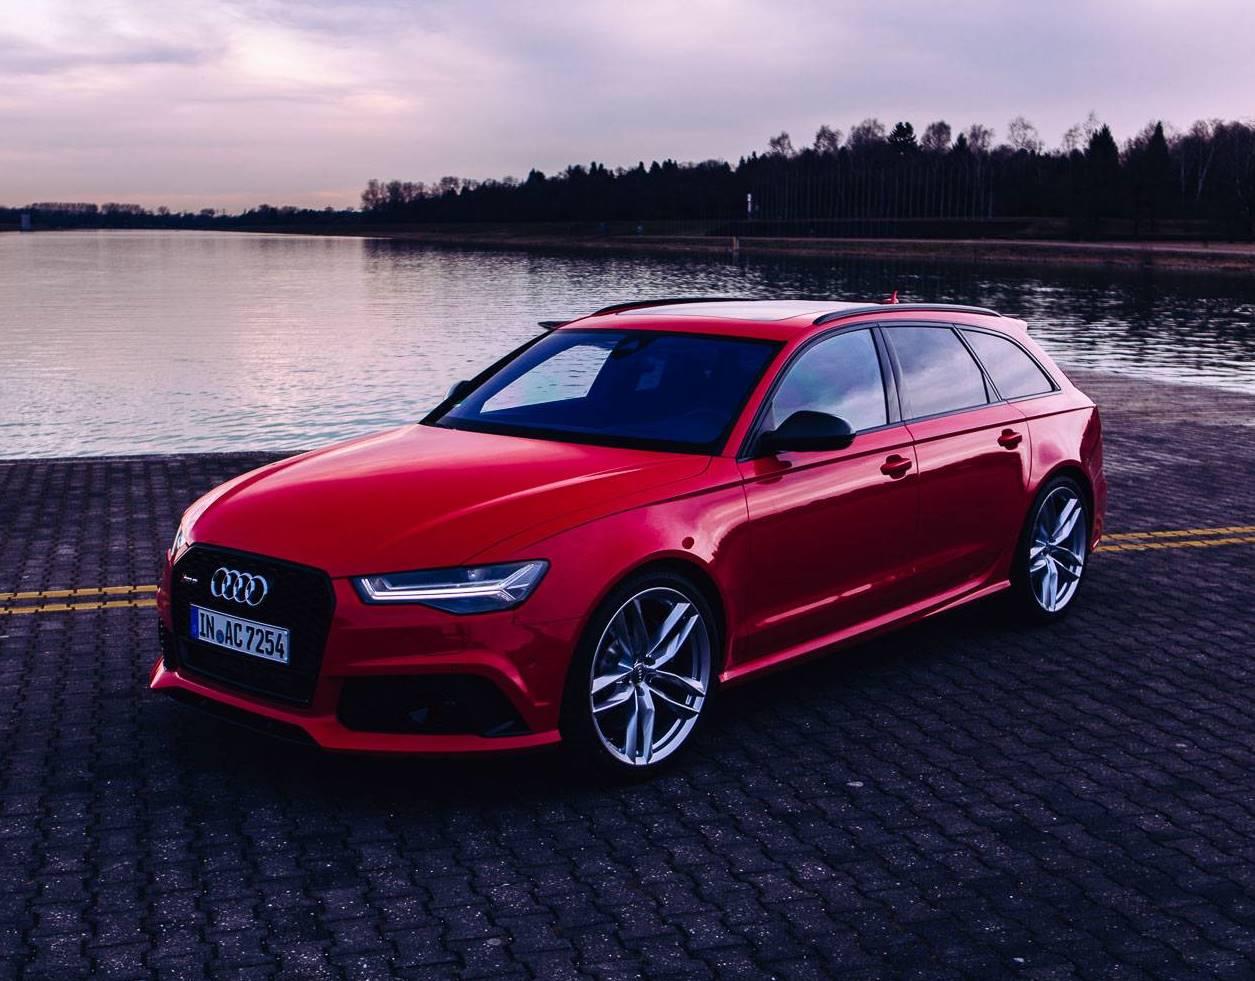 Racing Car Wallpaper 1080p 2016 Audi Rs6 Avant Review Gtspirit